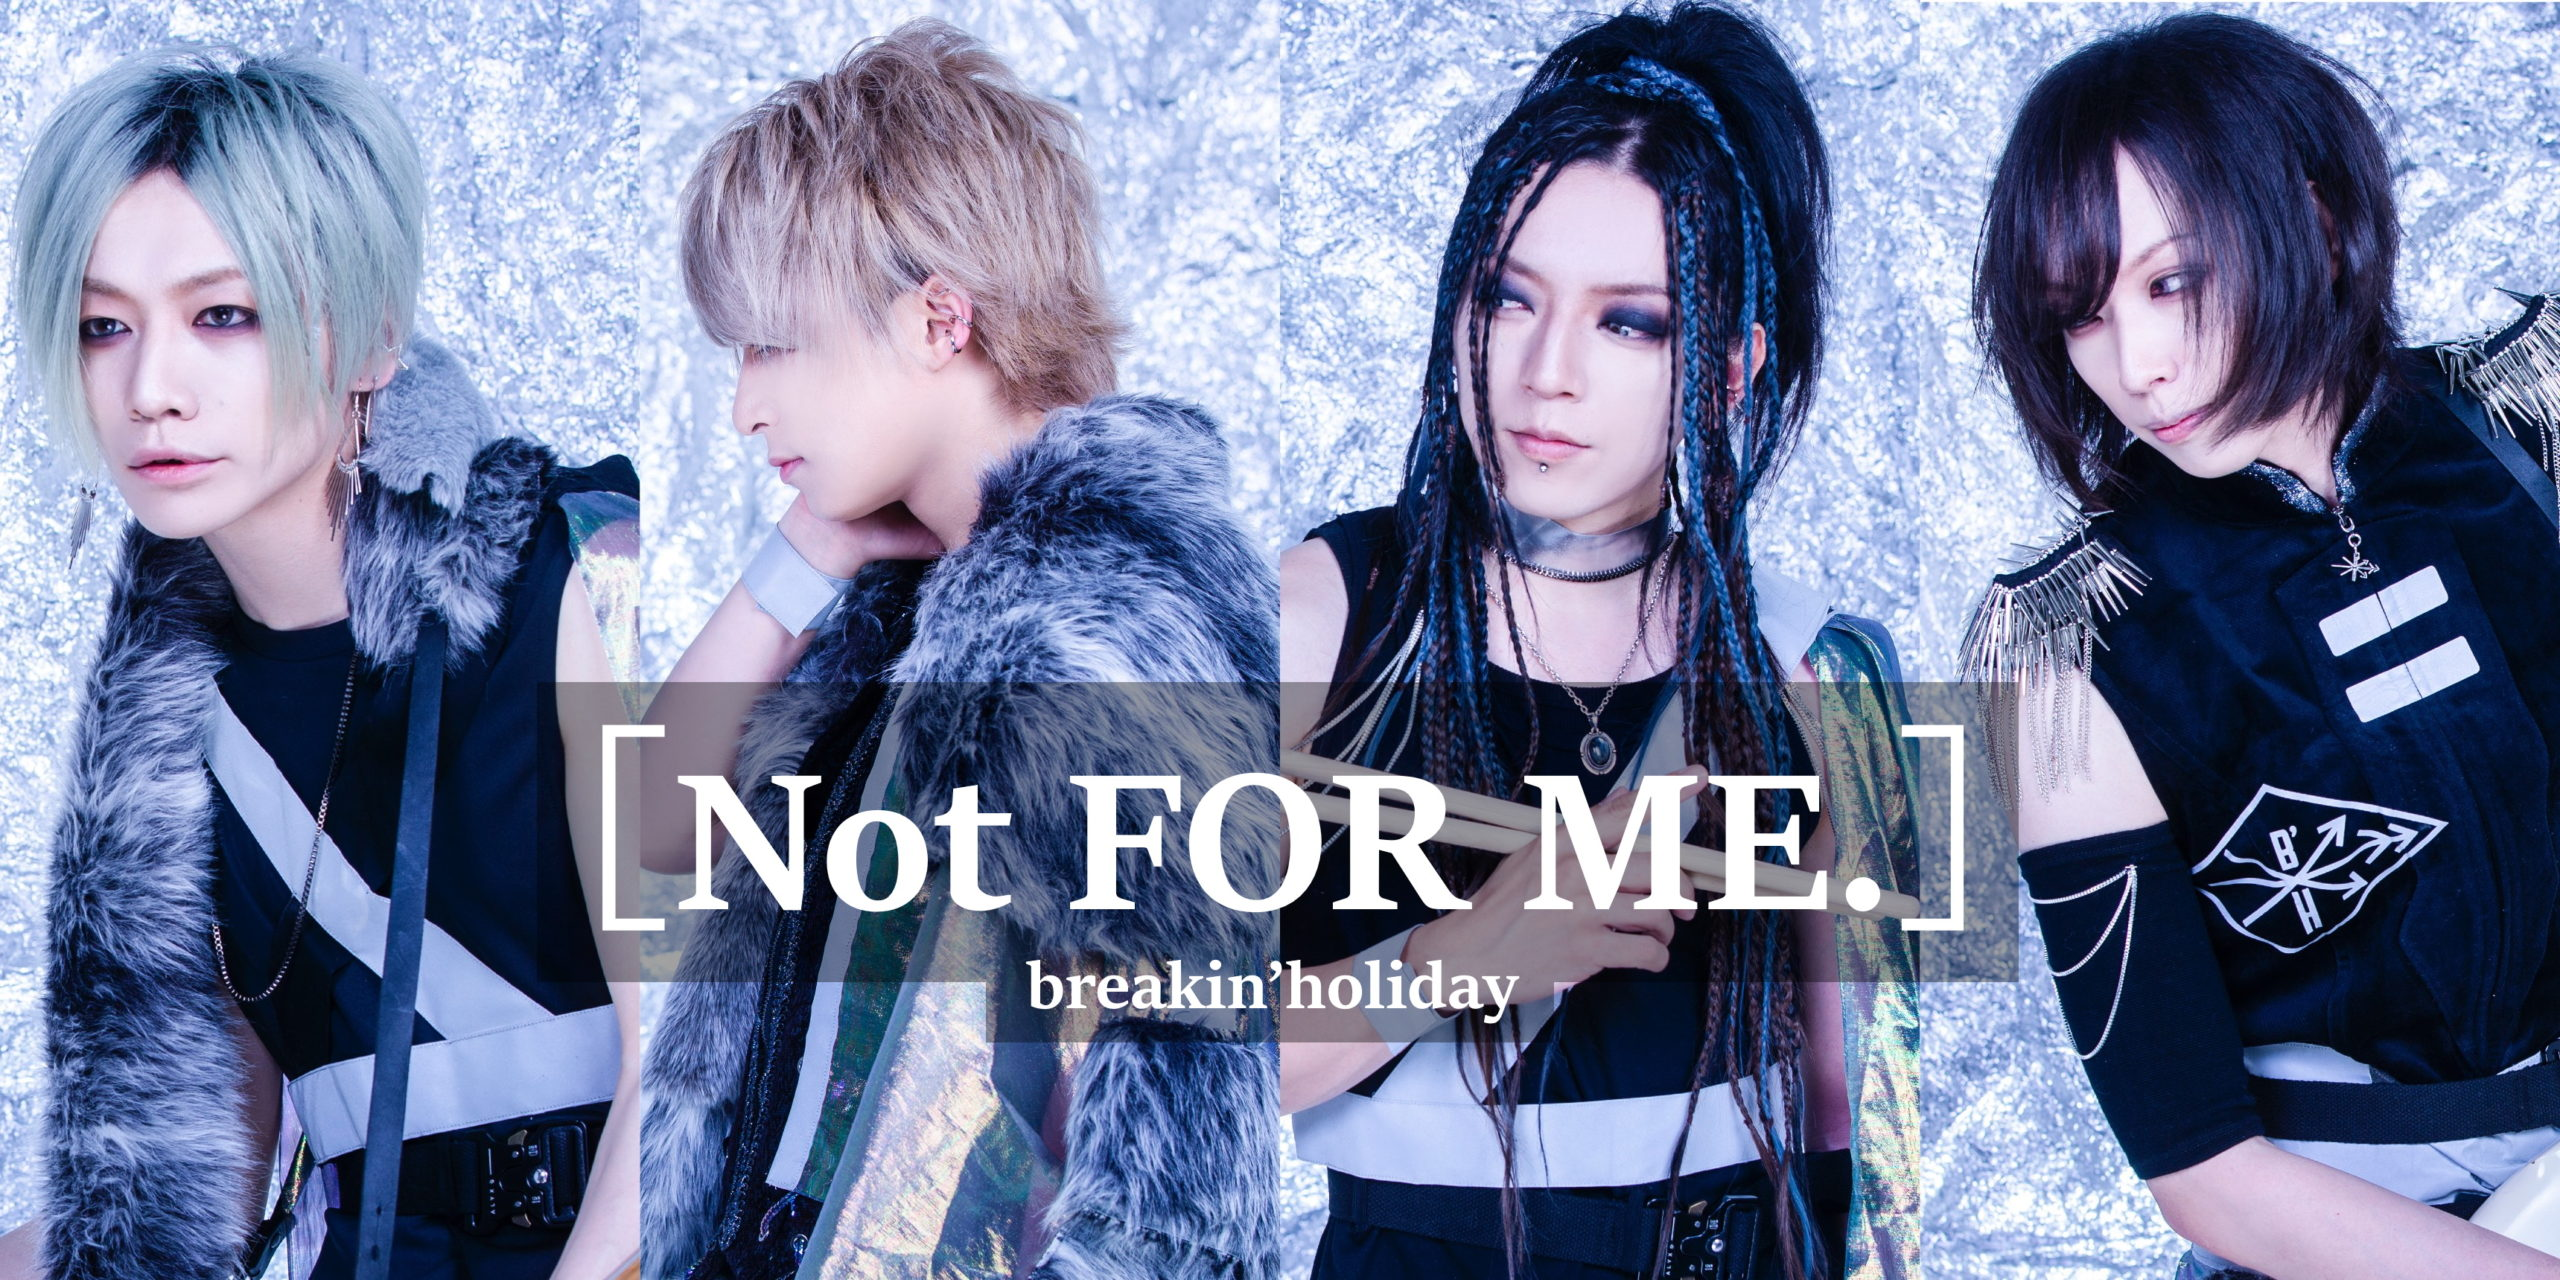 【インタビュー】breakin'holiday 新曲Not for me. 酒井洋明インタビュー『絶望を感じた時の虚無感を表現してます。』